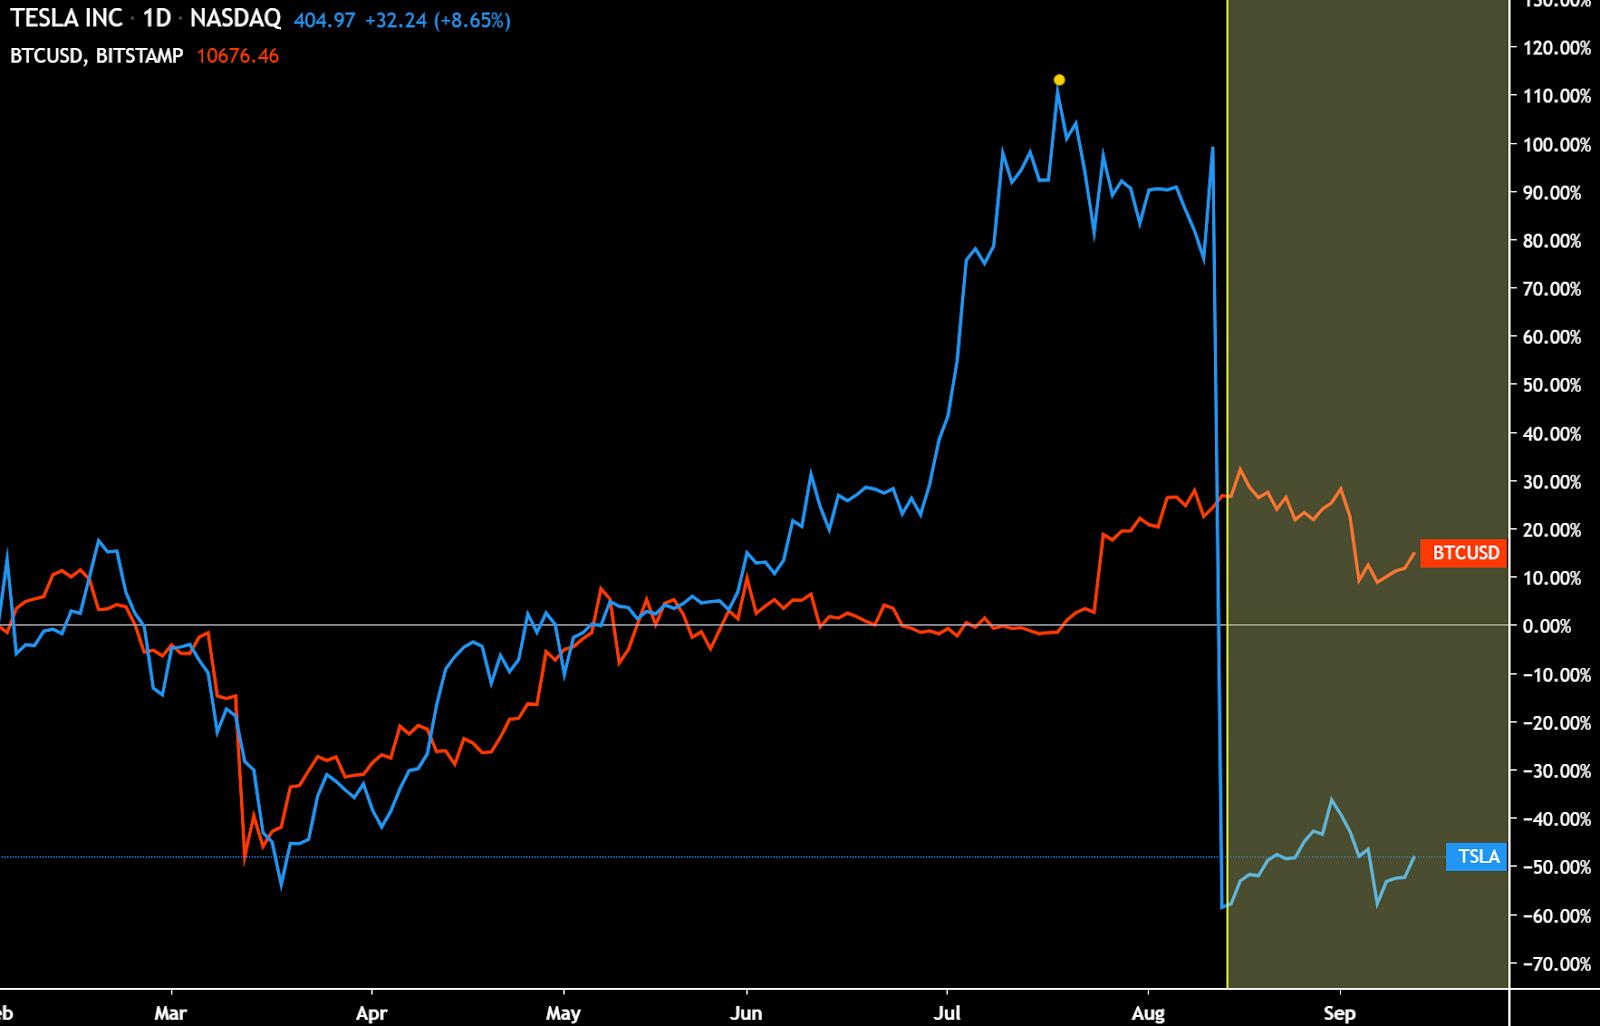 Tesla market cap vs BTC market cap. Source: TradingView